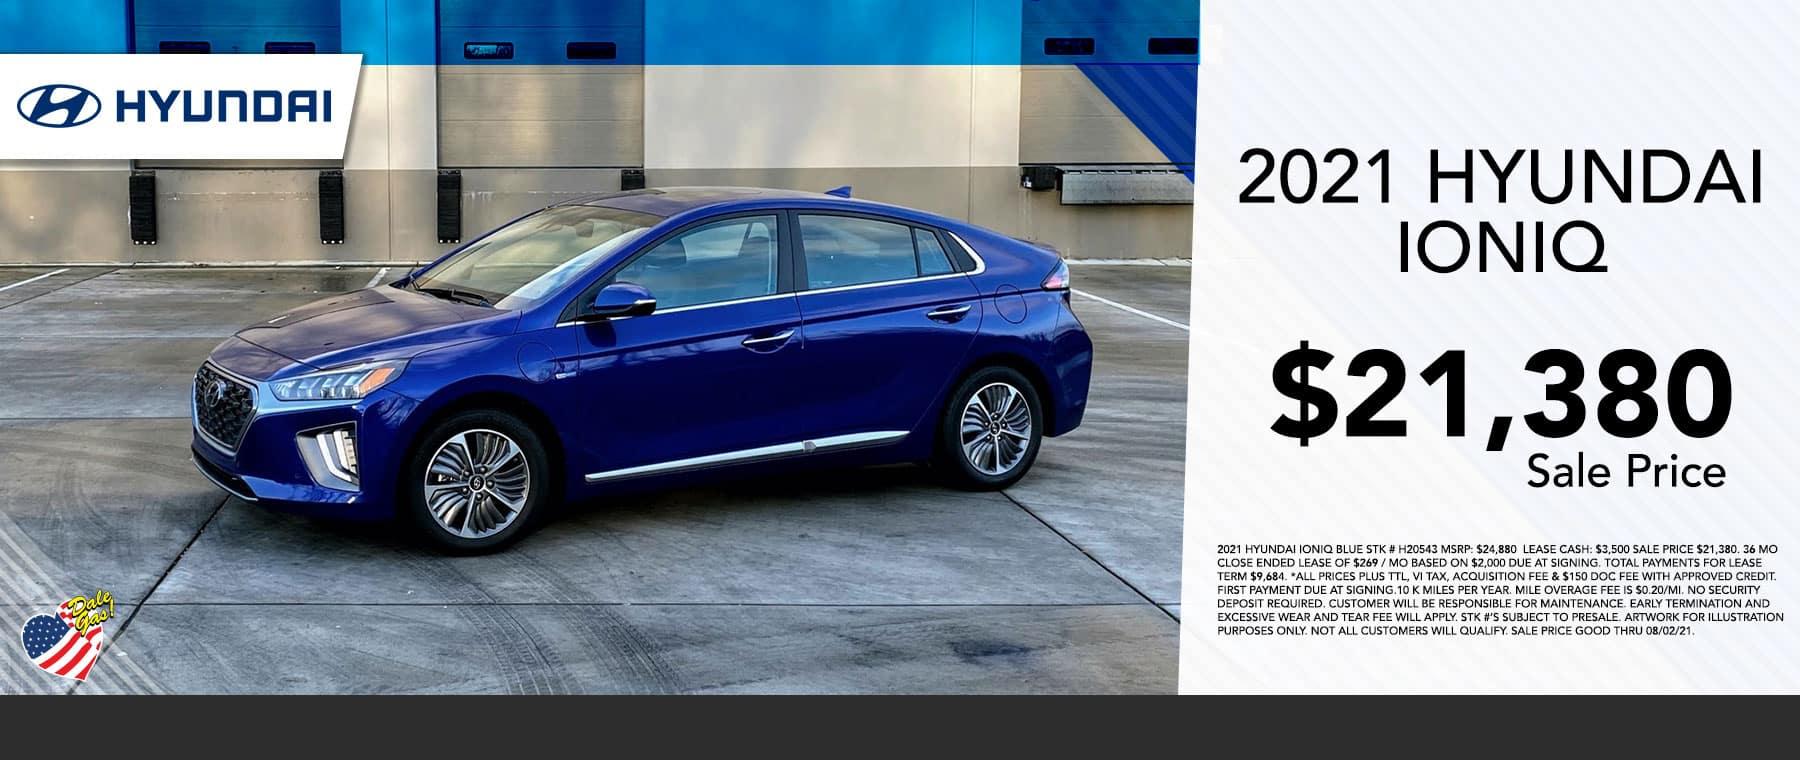 2021_Hyundai_Ioniq